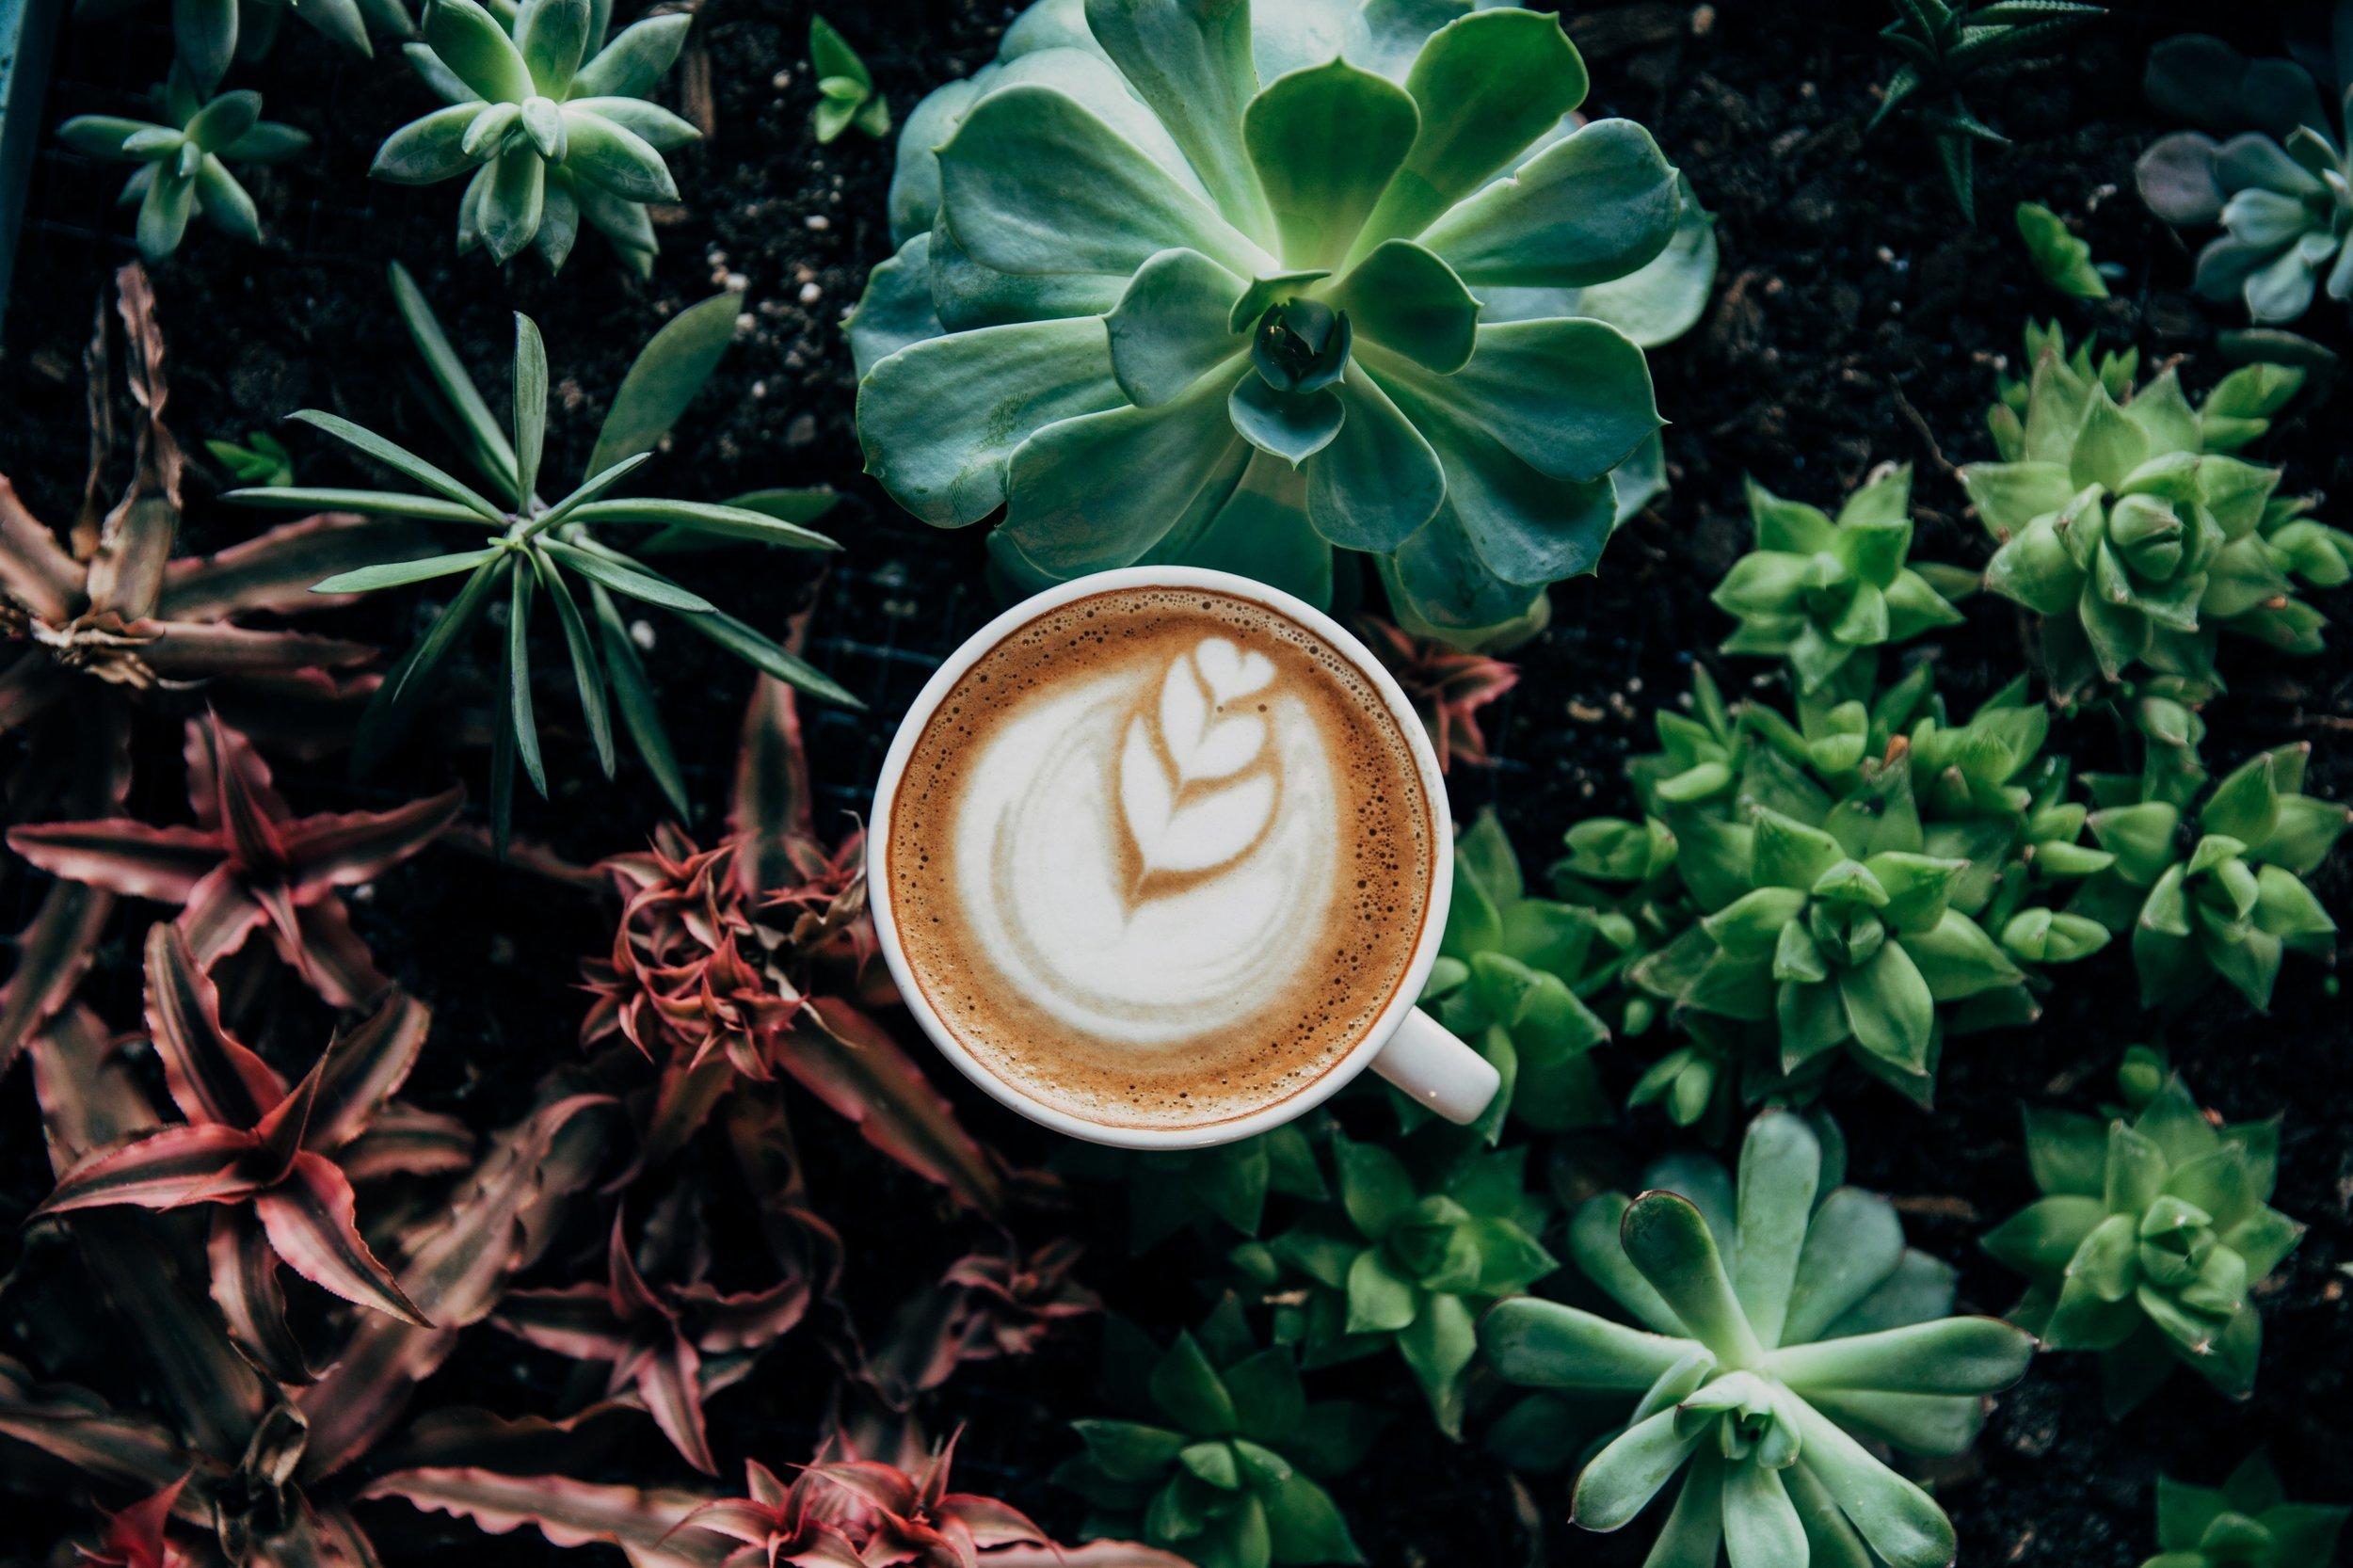 coffee-in-plants_4460x4460.jpg